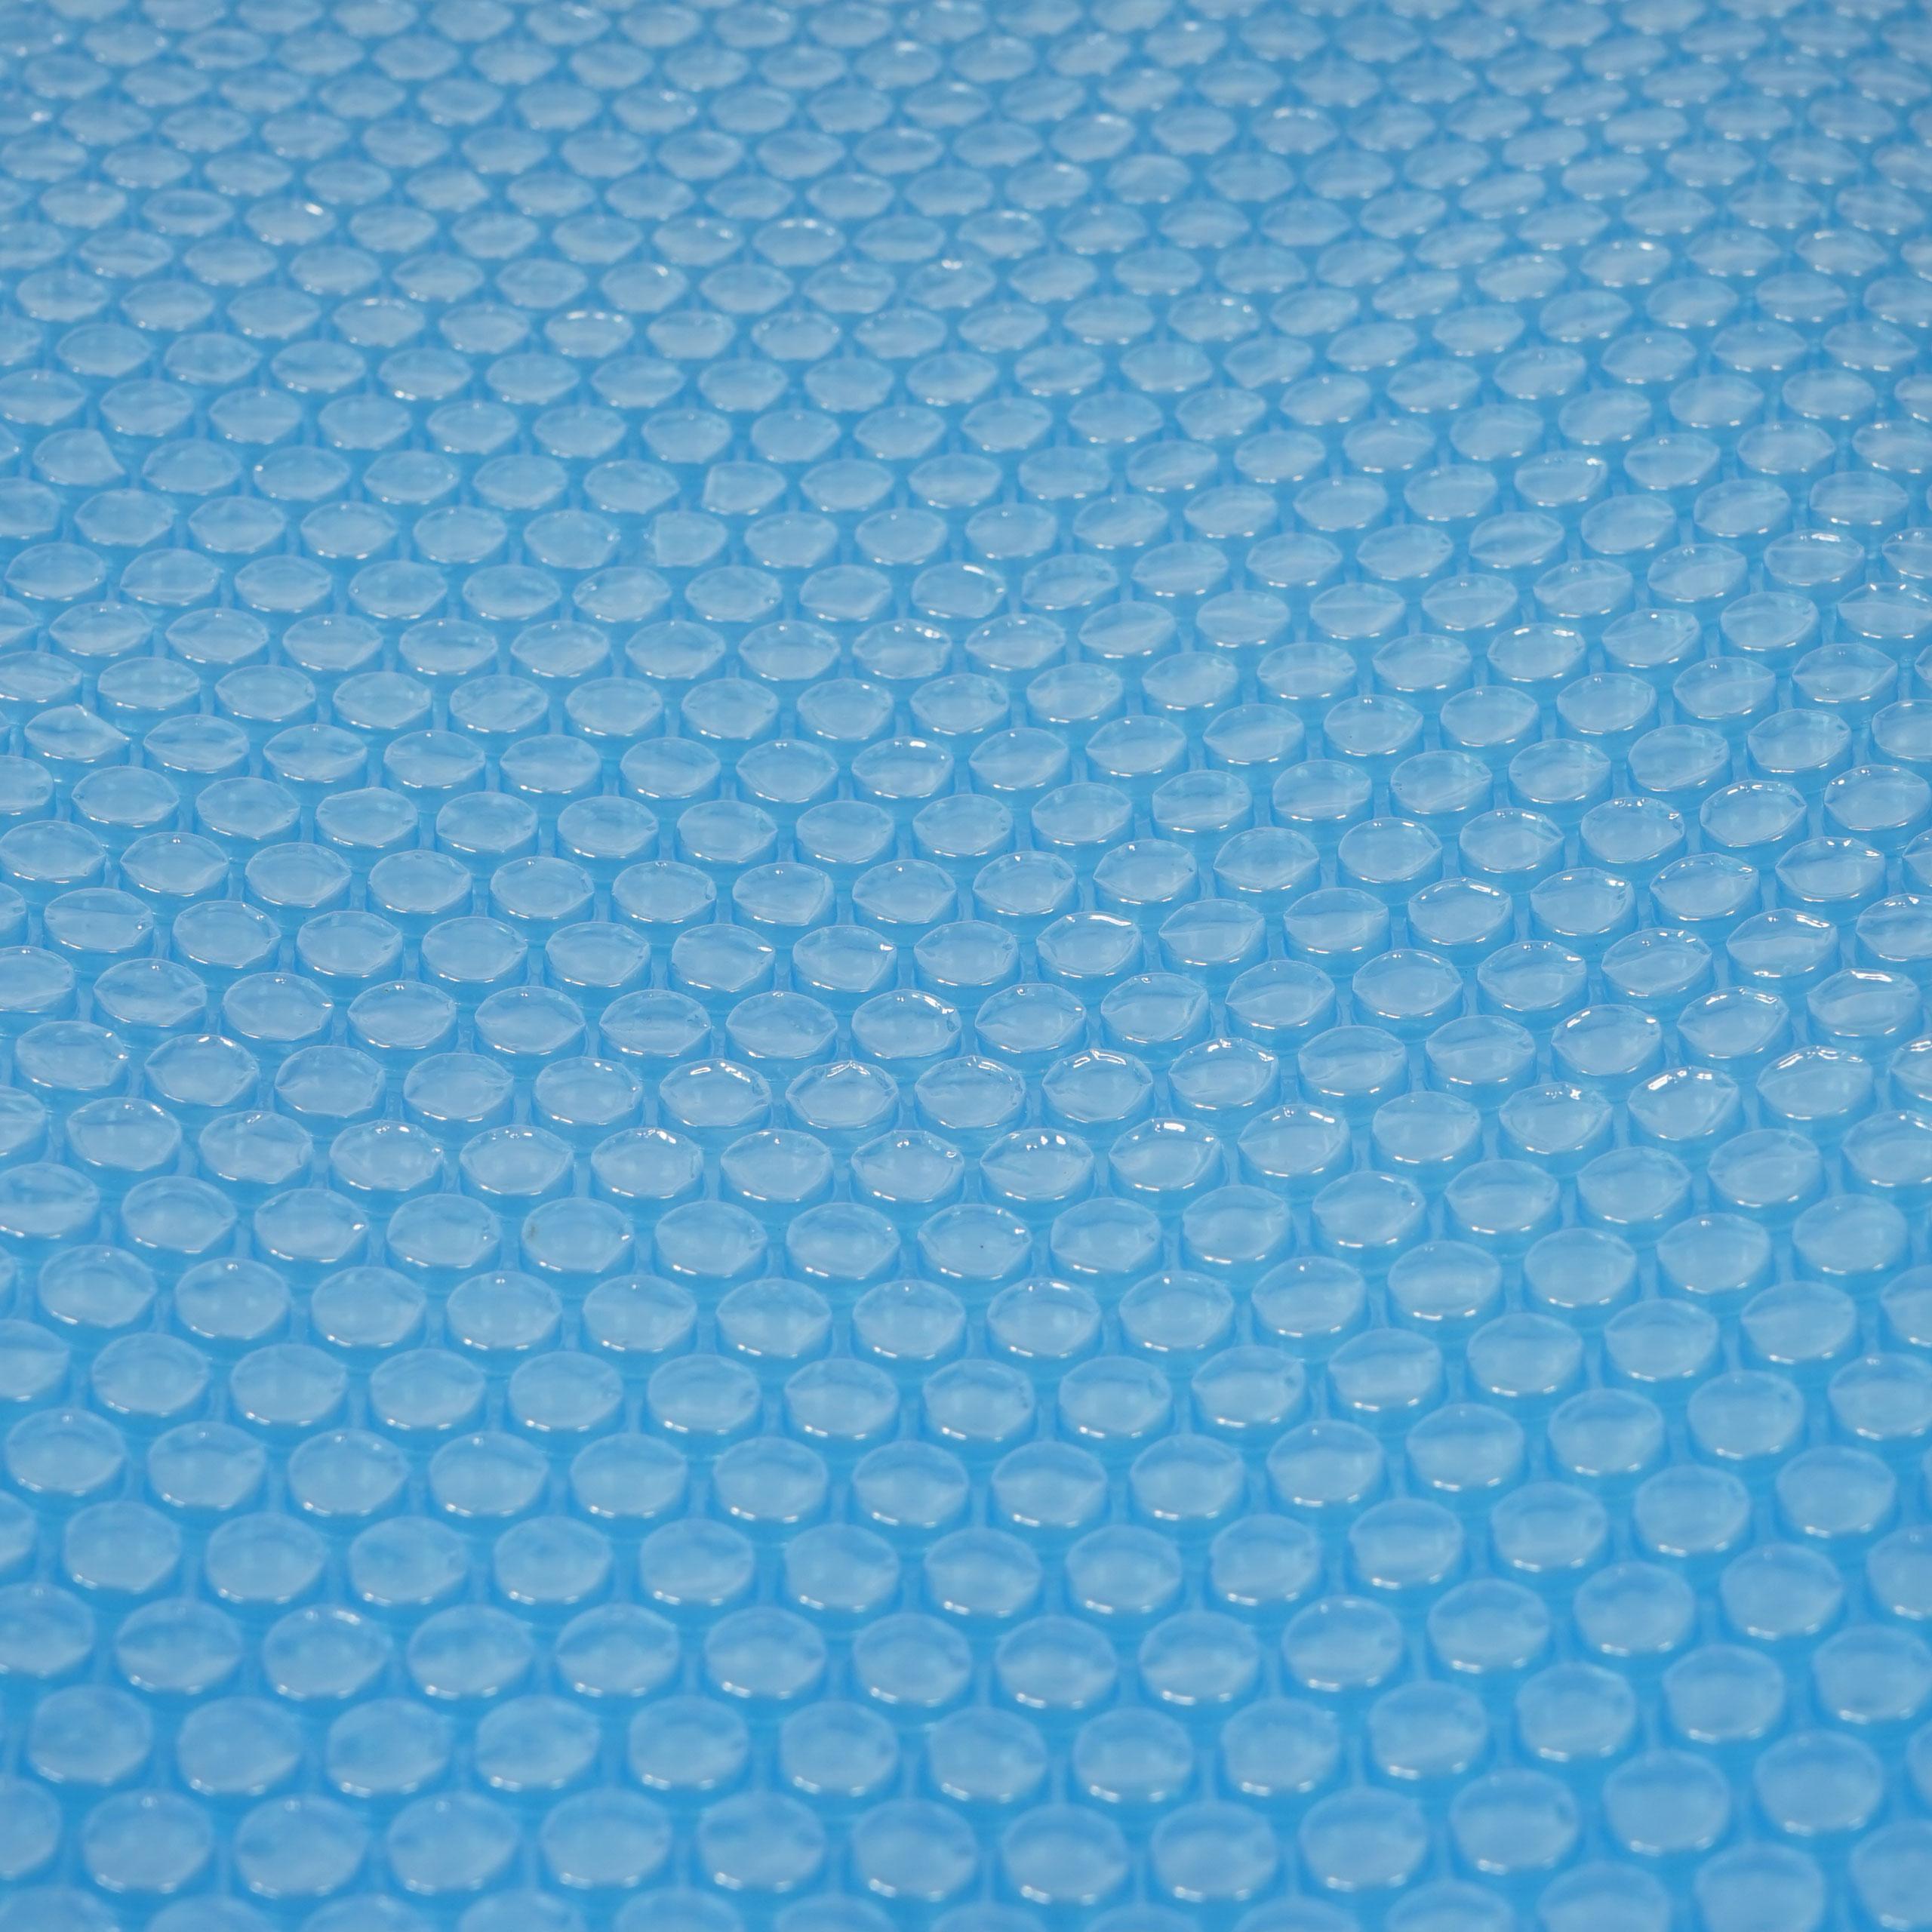 Pool-Abdeckung Wärmeplane Solarplane, Solarabdeckung, blau, Stärke: 400 µm, rund, 4,57 m